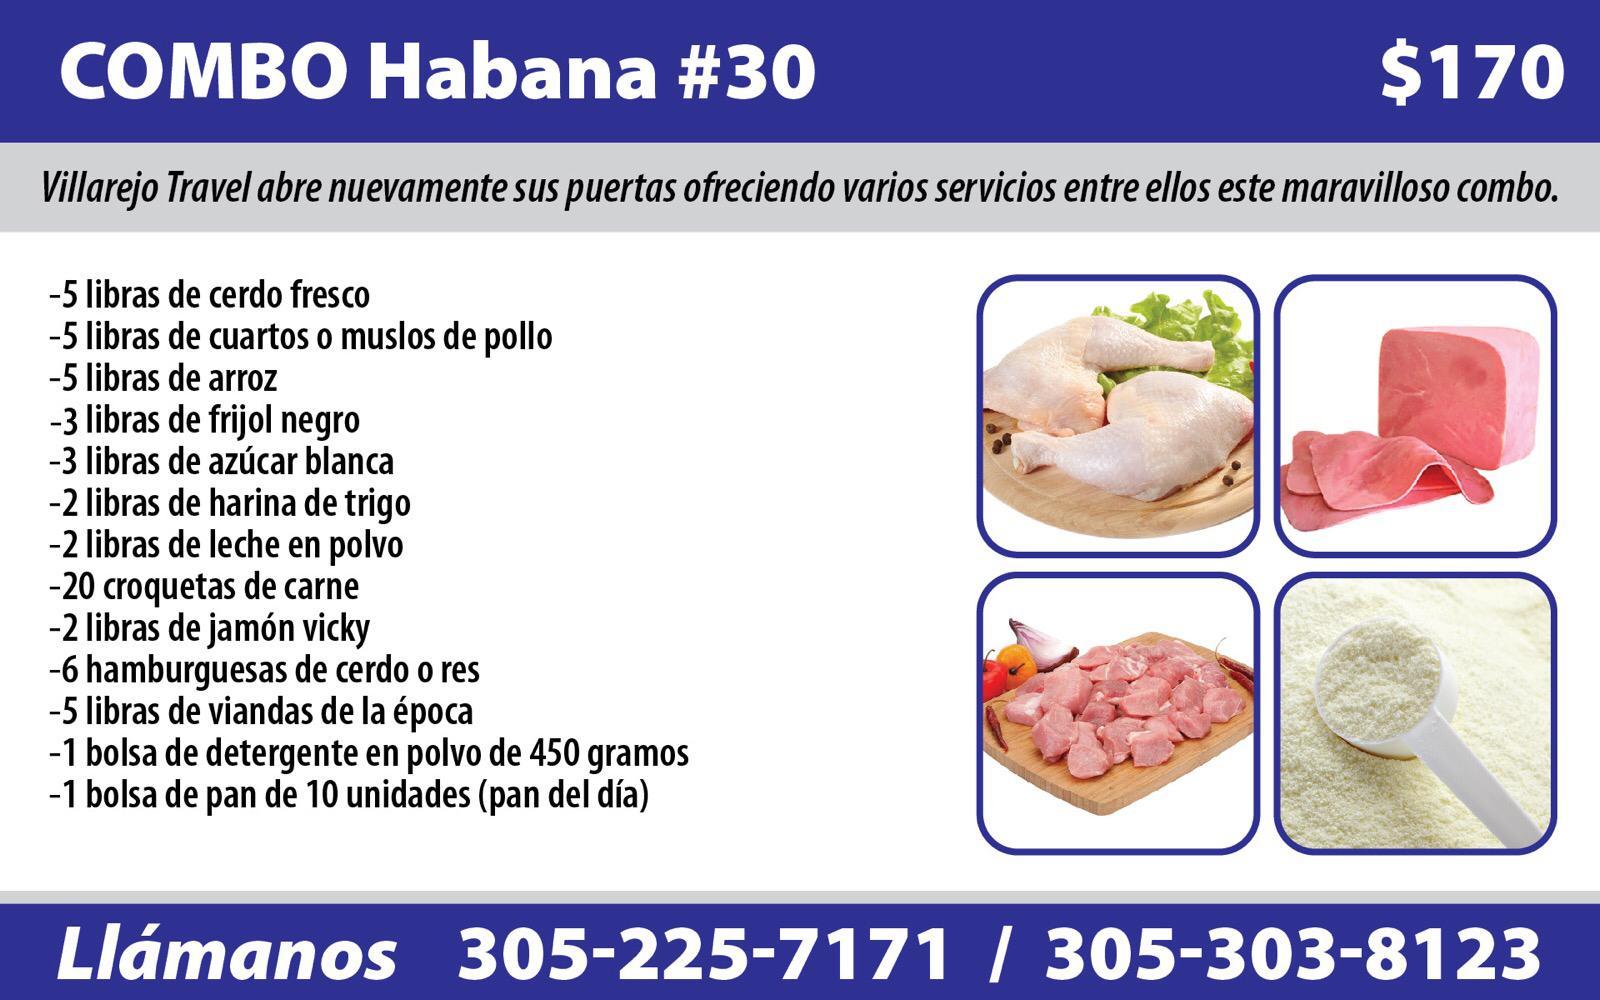 Combo Habana #30